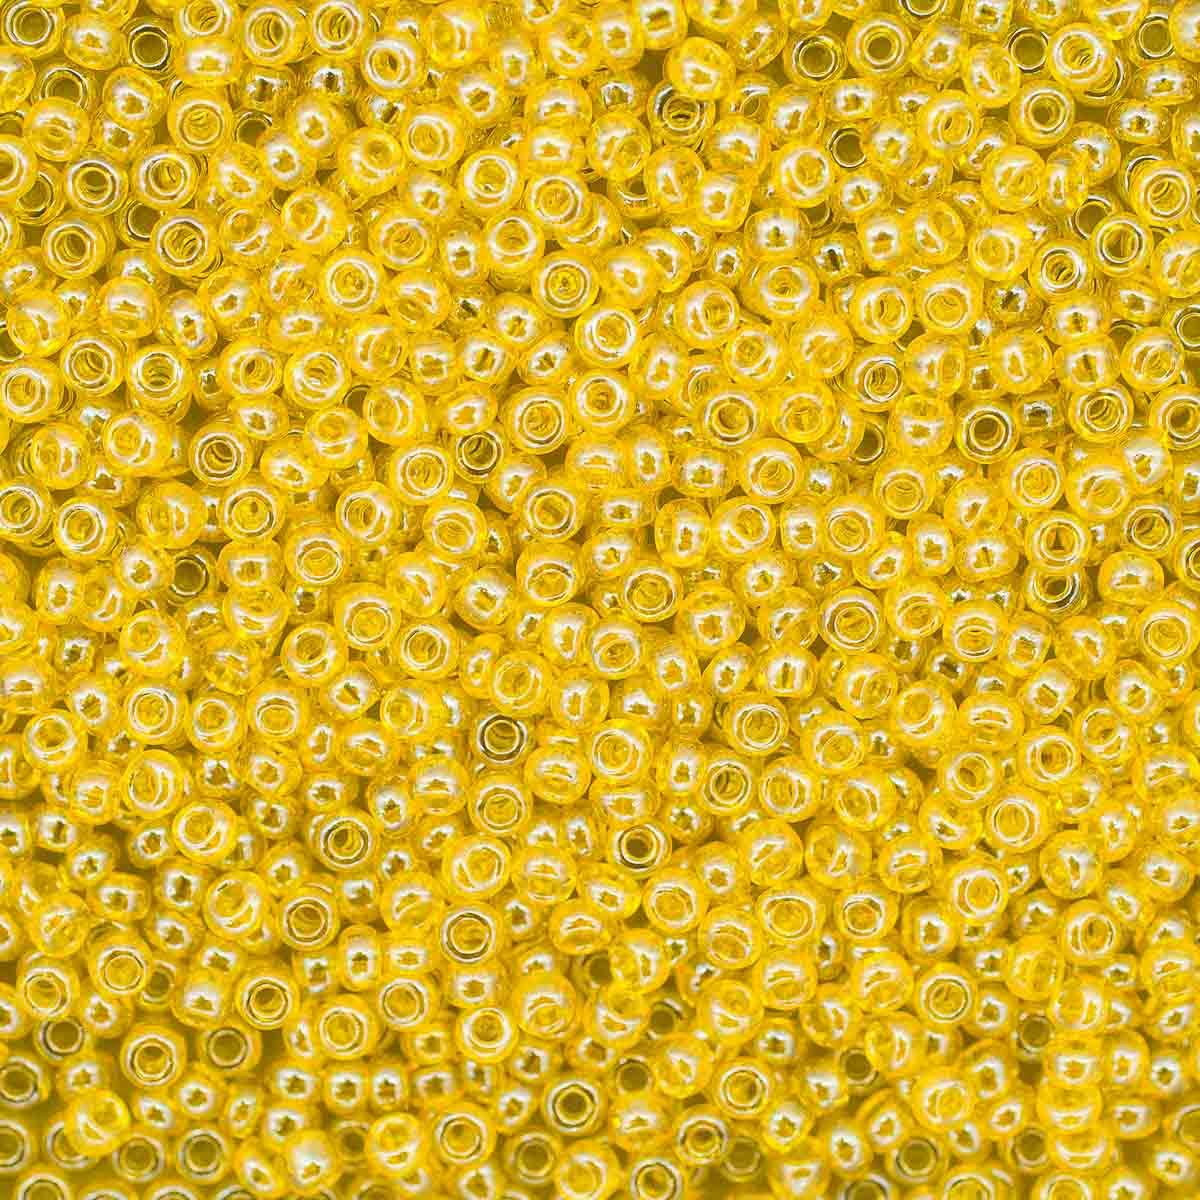 331-19001-10/0-86010 Бисер прозрачный с покрытием 10/0, круг.отв., 20гр Preciosa